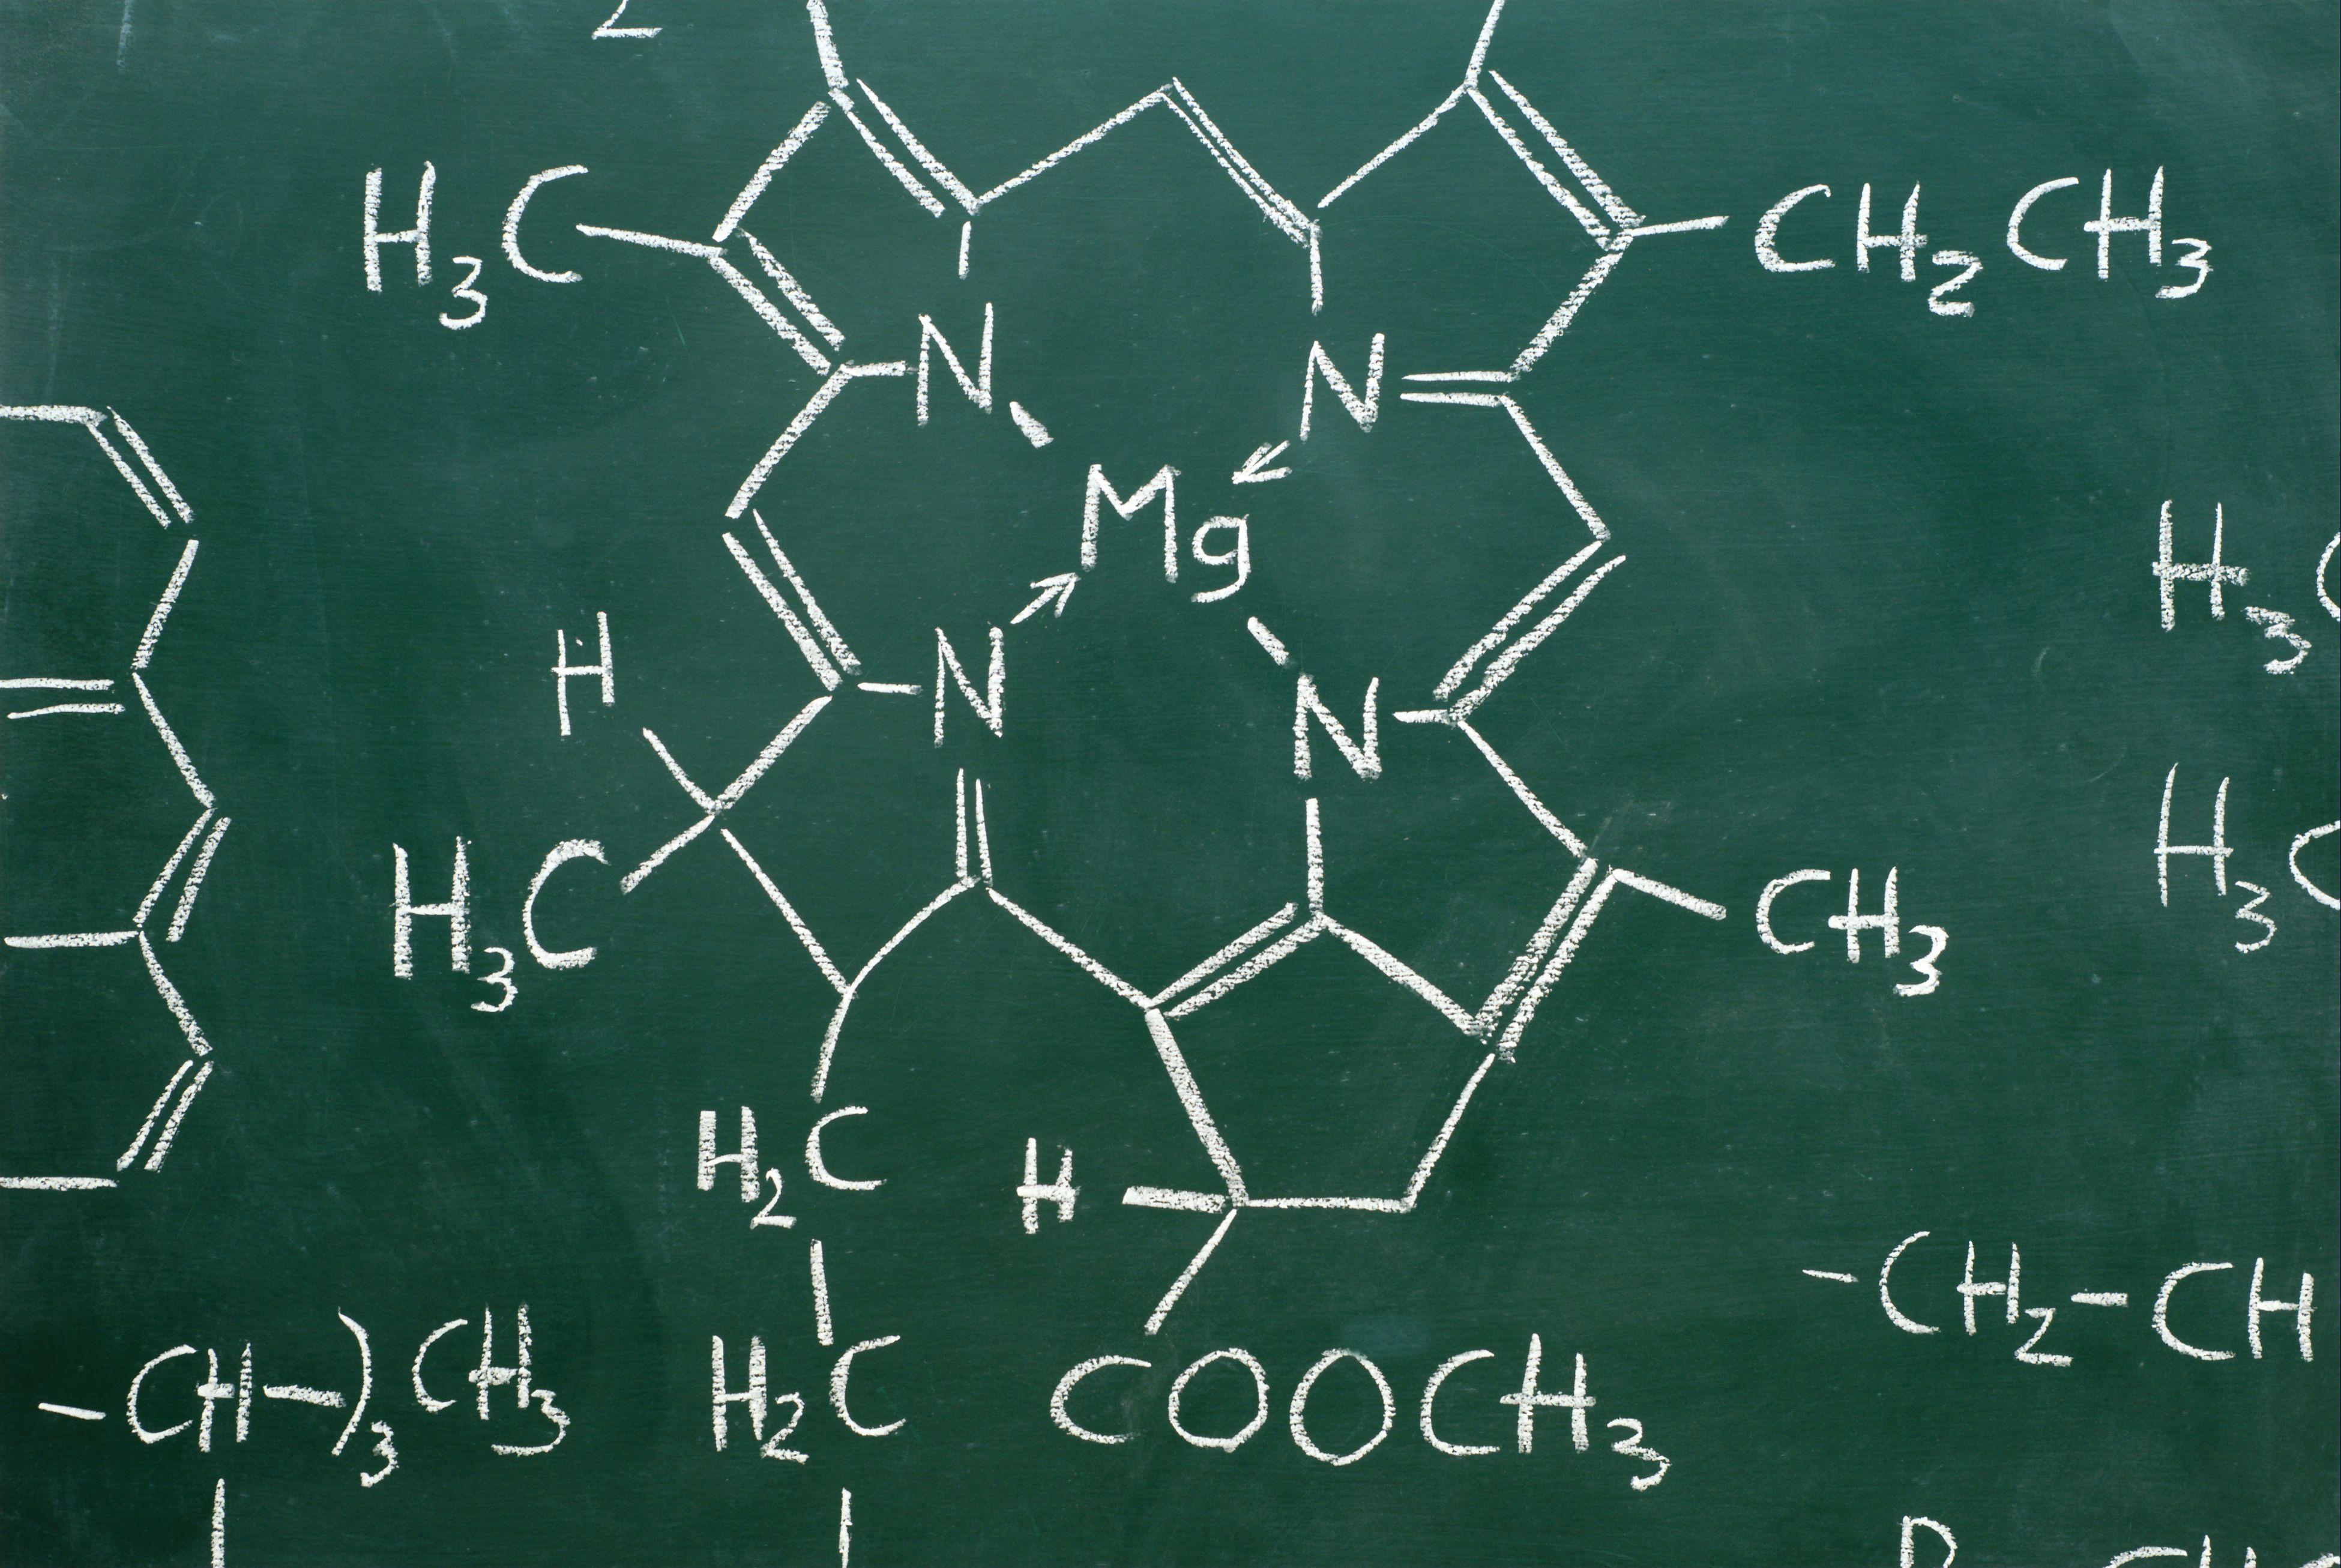 El magnesio está en el corazón de una molécula de clorofila.